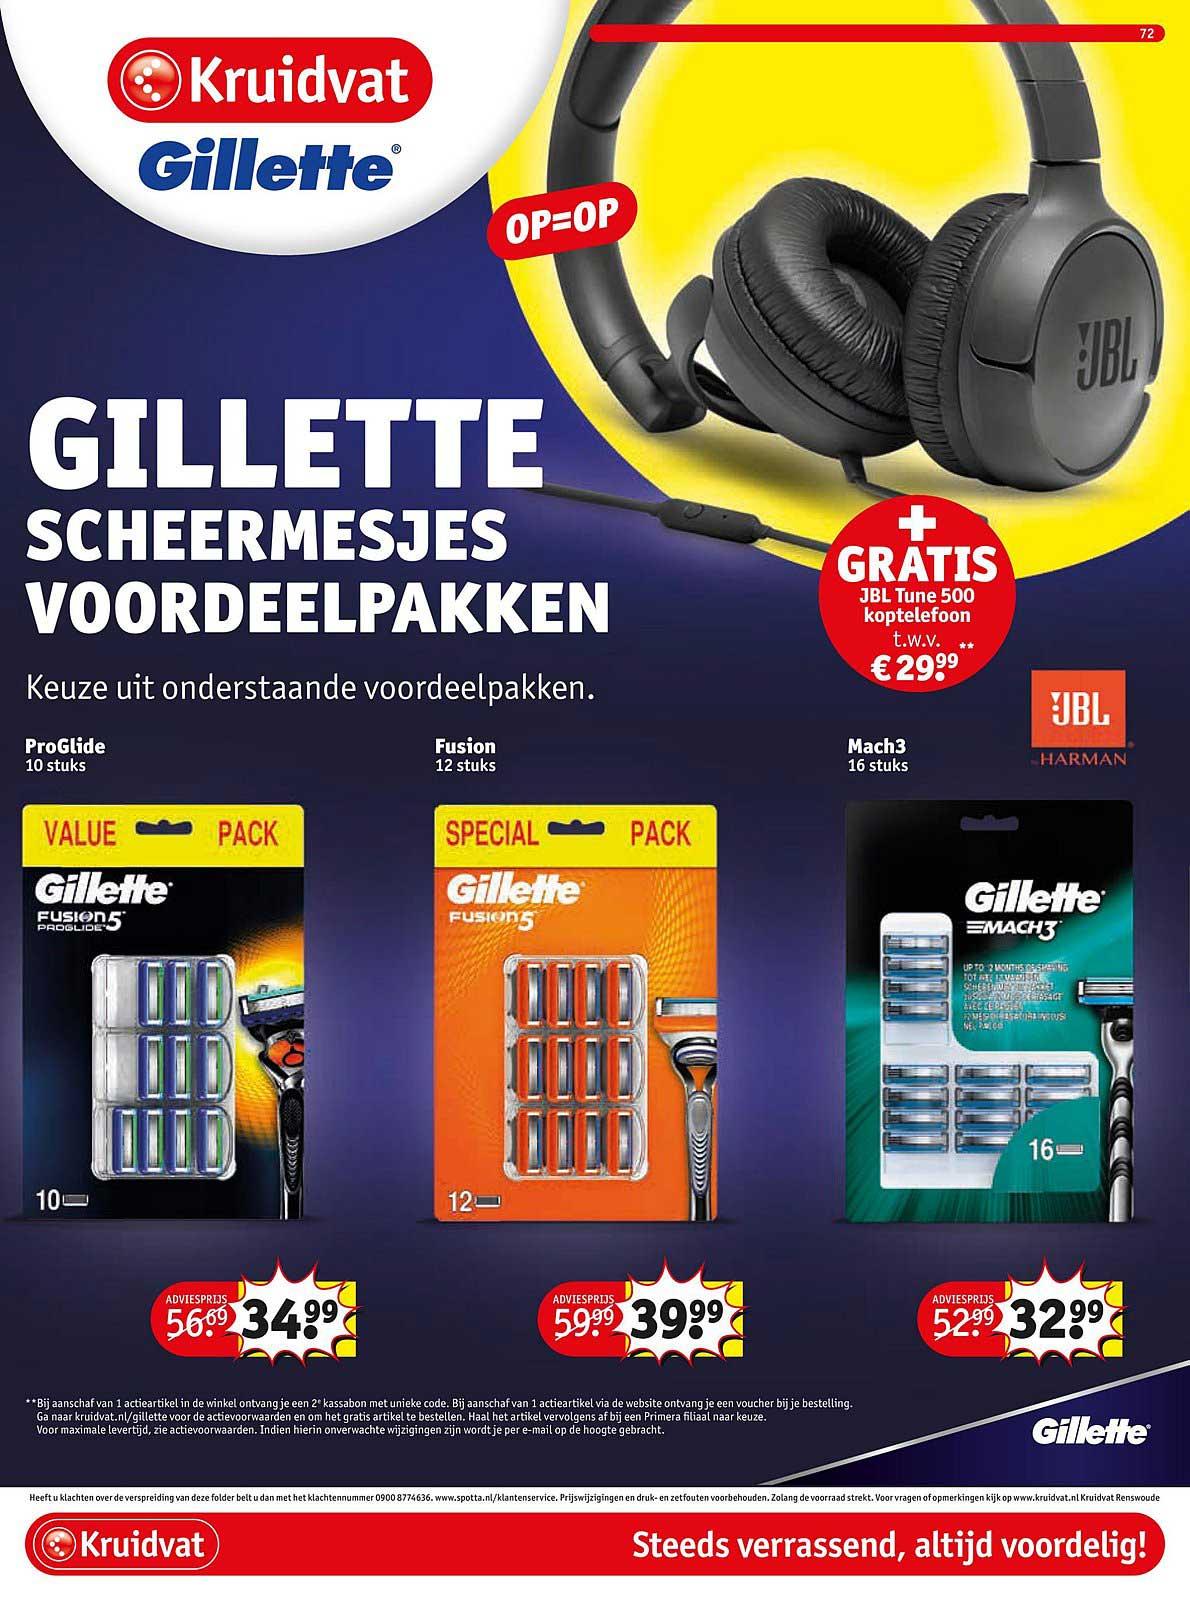 Kruidvat Gillette Scheermesjes Voordeelpakken + GRATIS JBL Tune 500 Koptelefoon T.w.v. €29,99